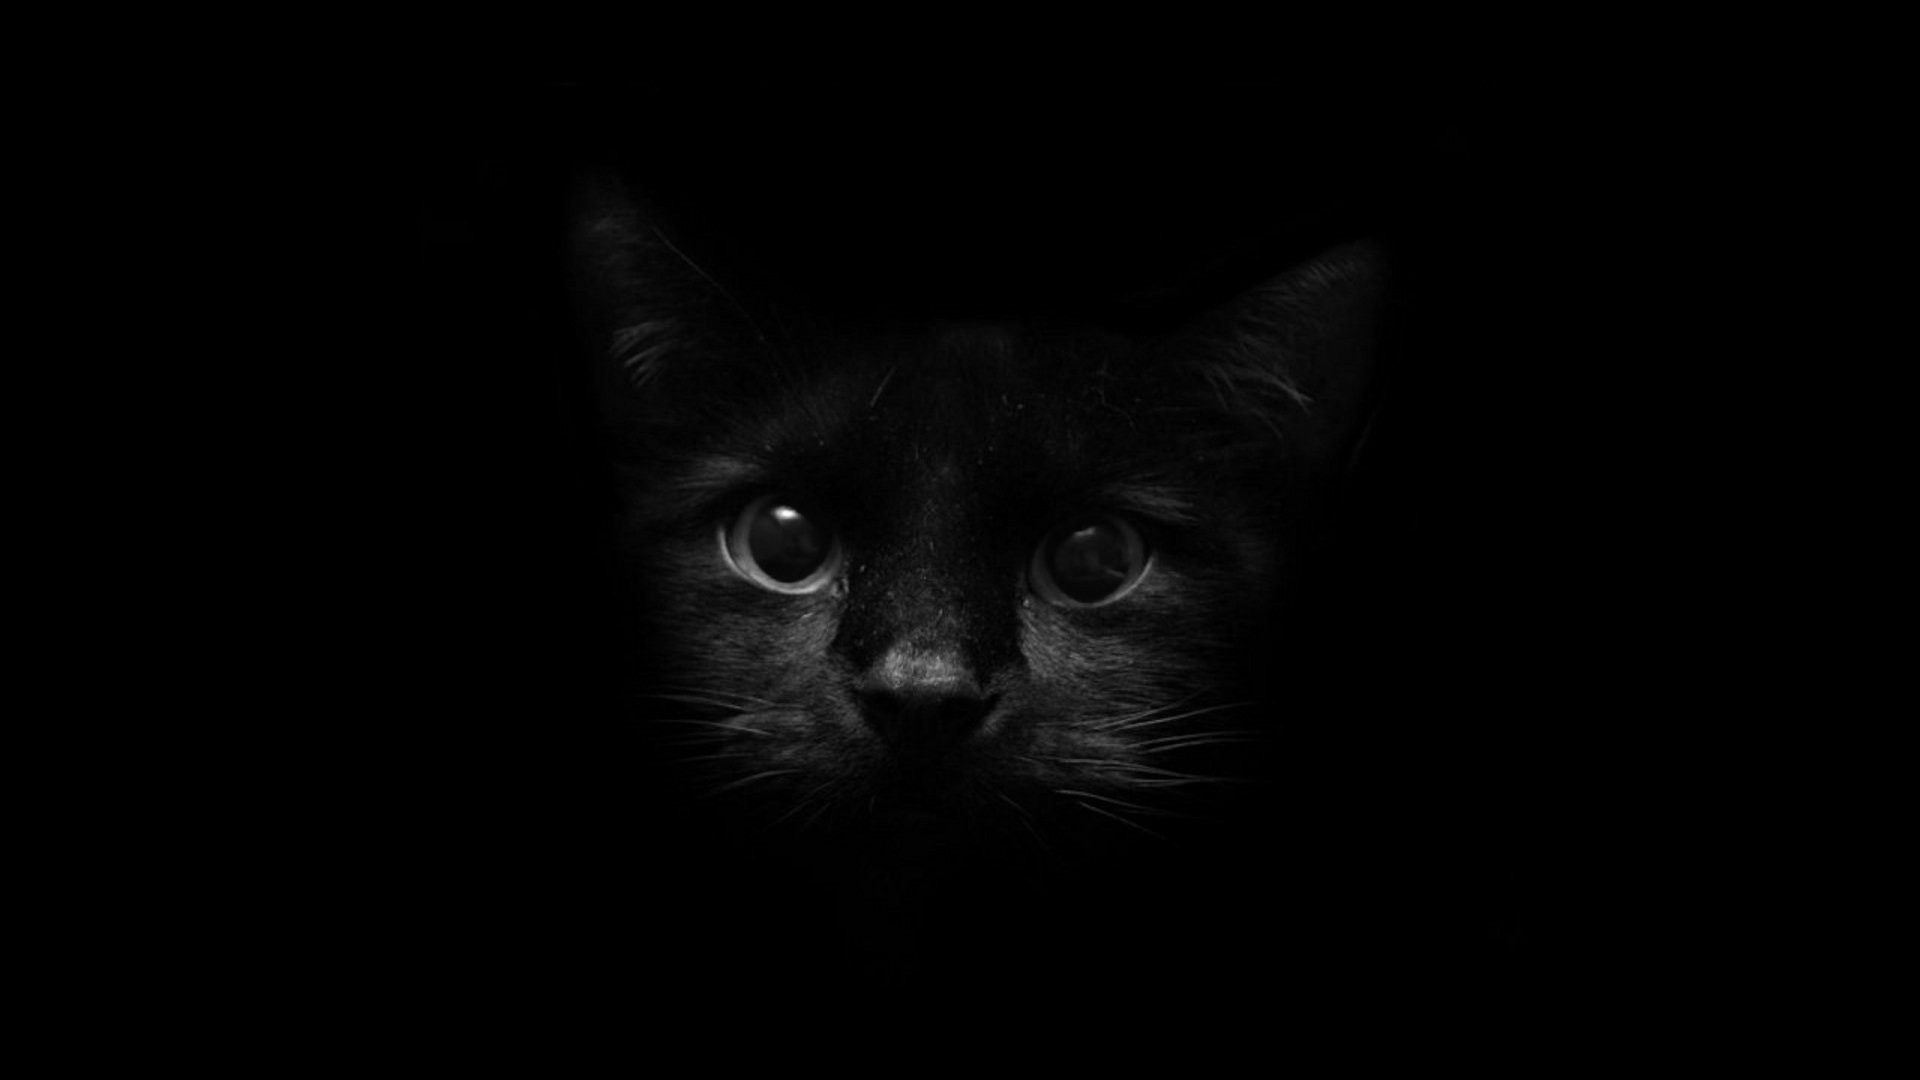 Ảnh nền mèo đen